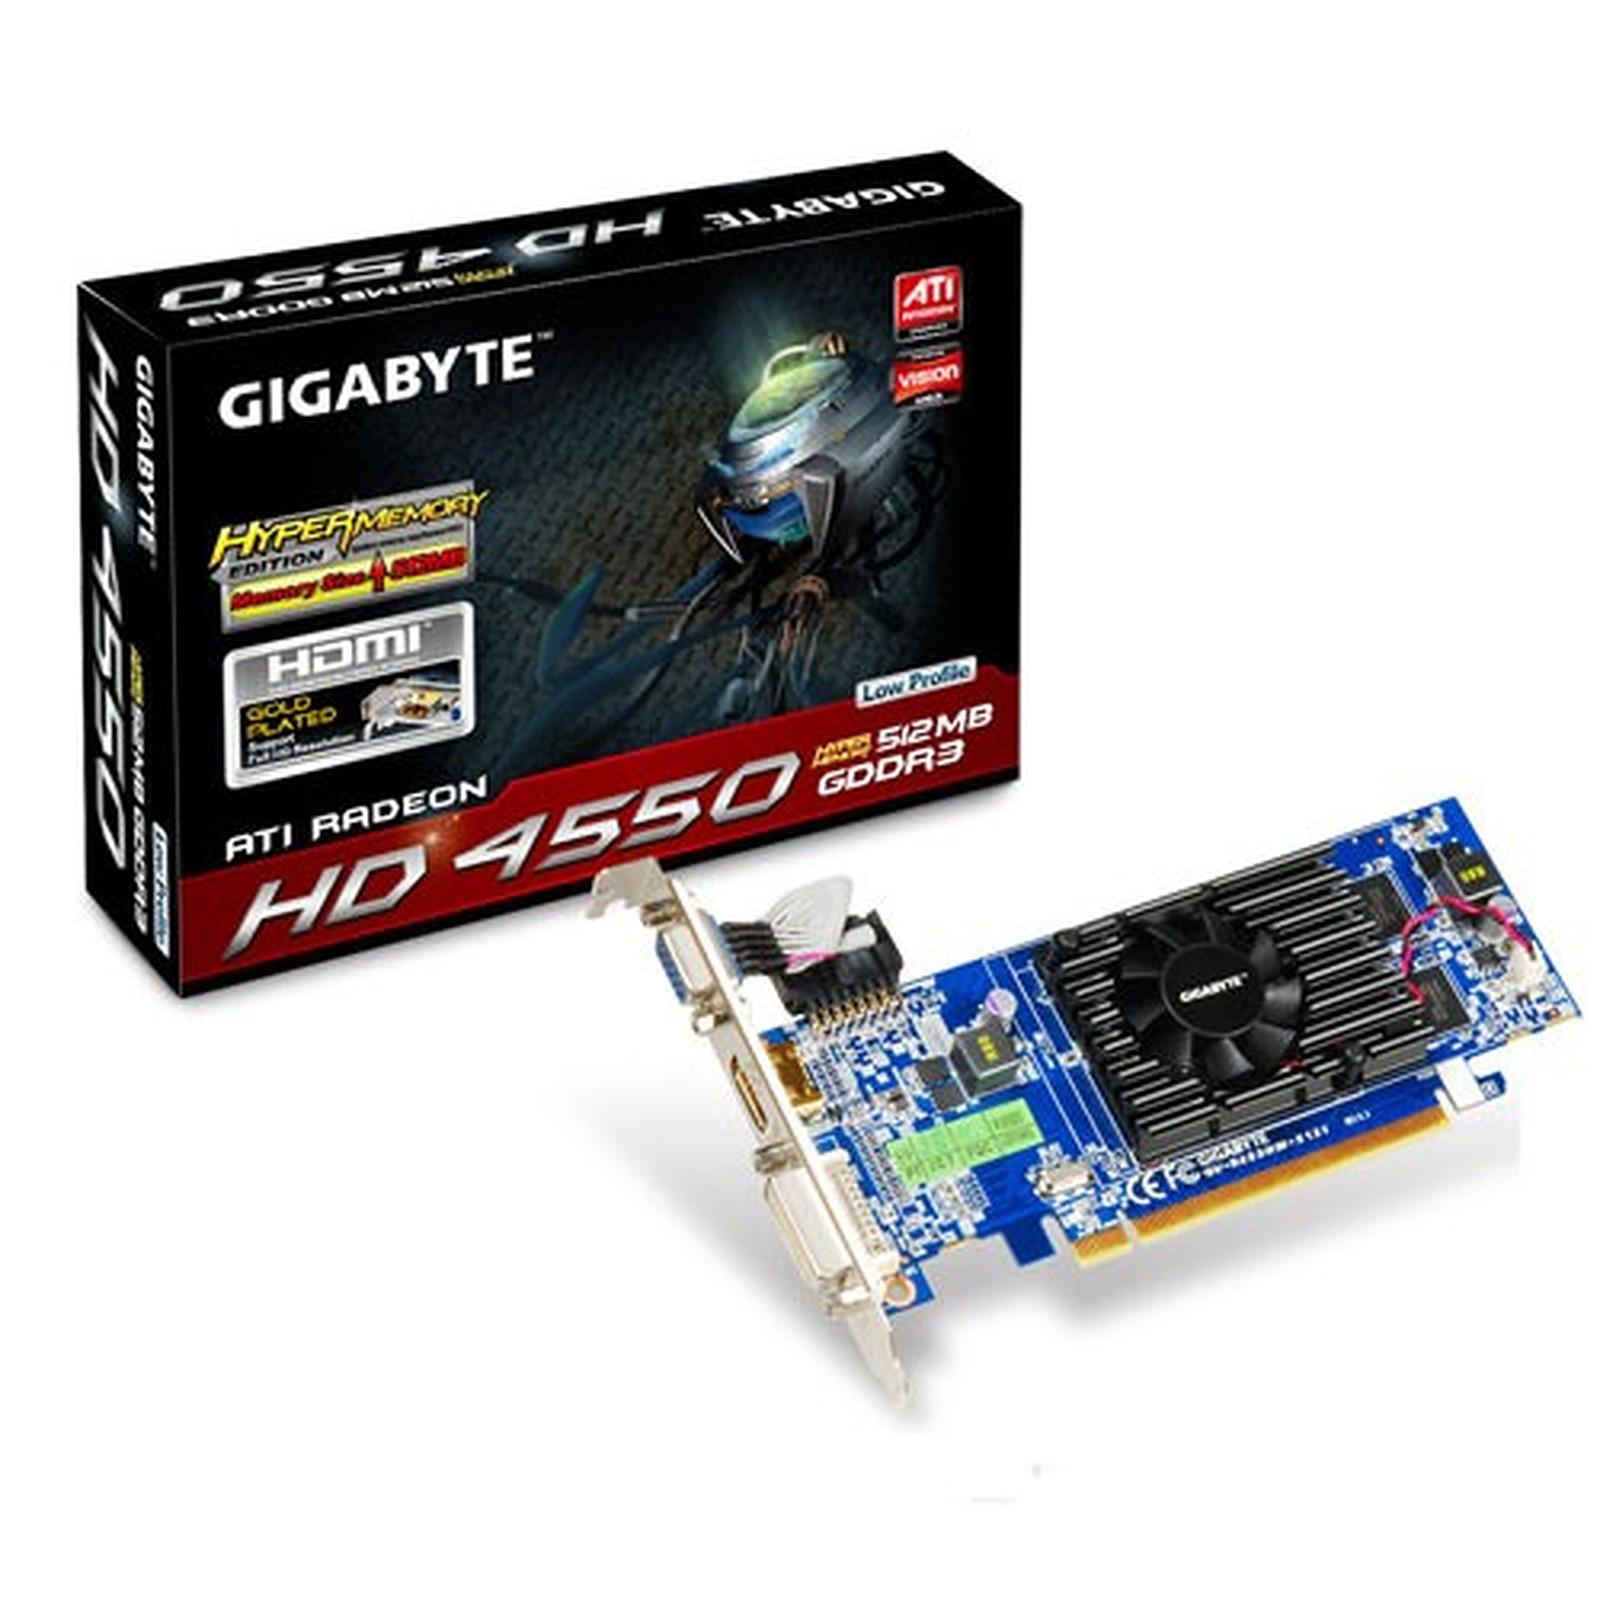 Gigabyte GV-R455HM-512I HyperMemory 128 Mo/512Mo